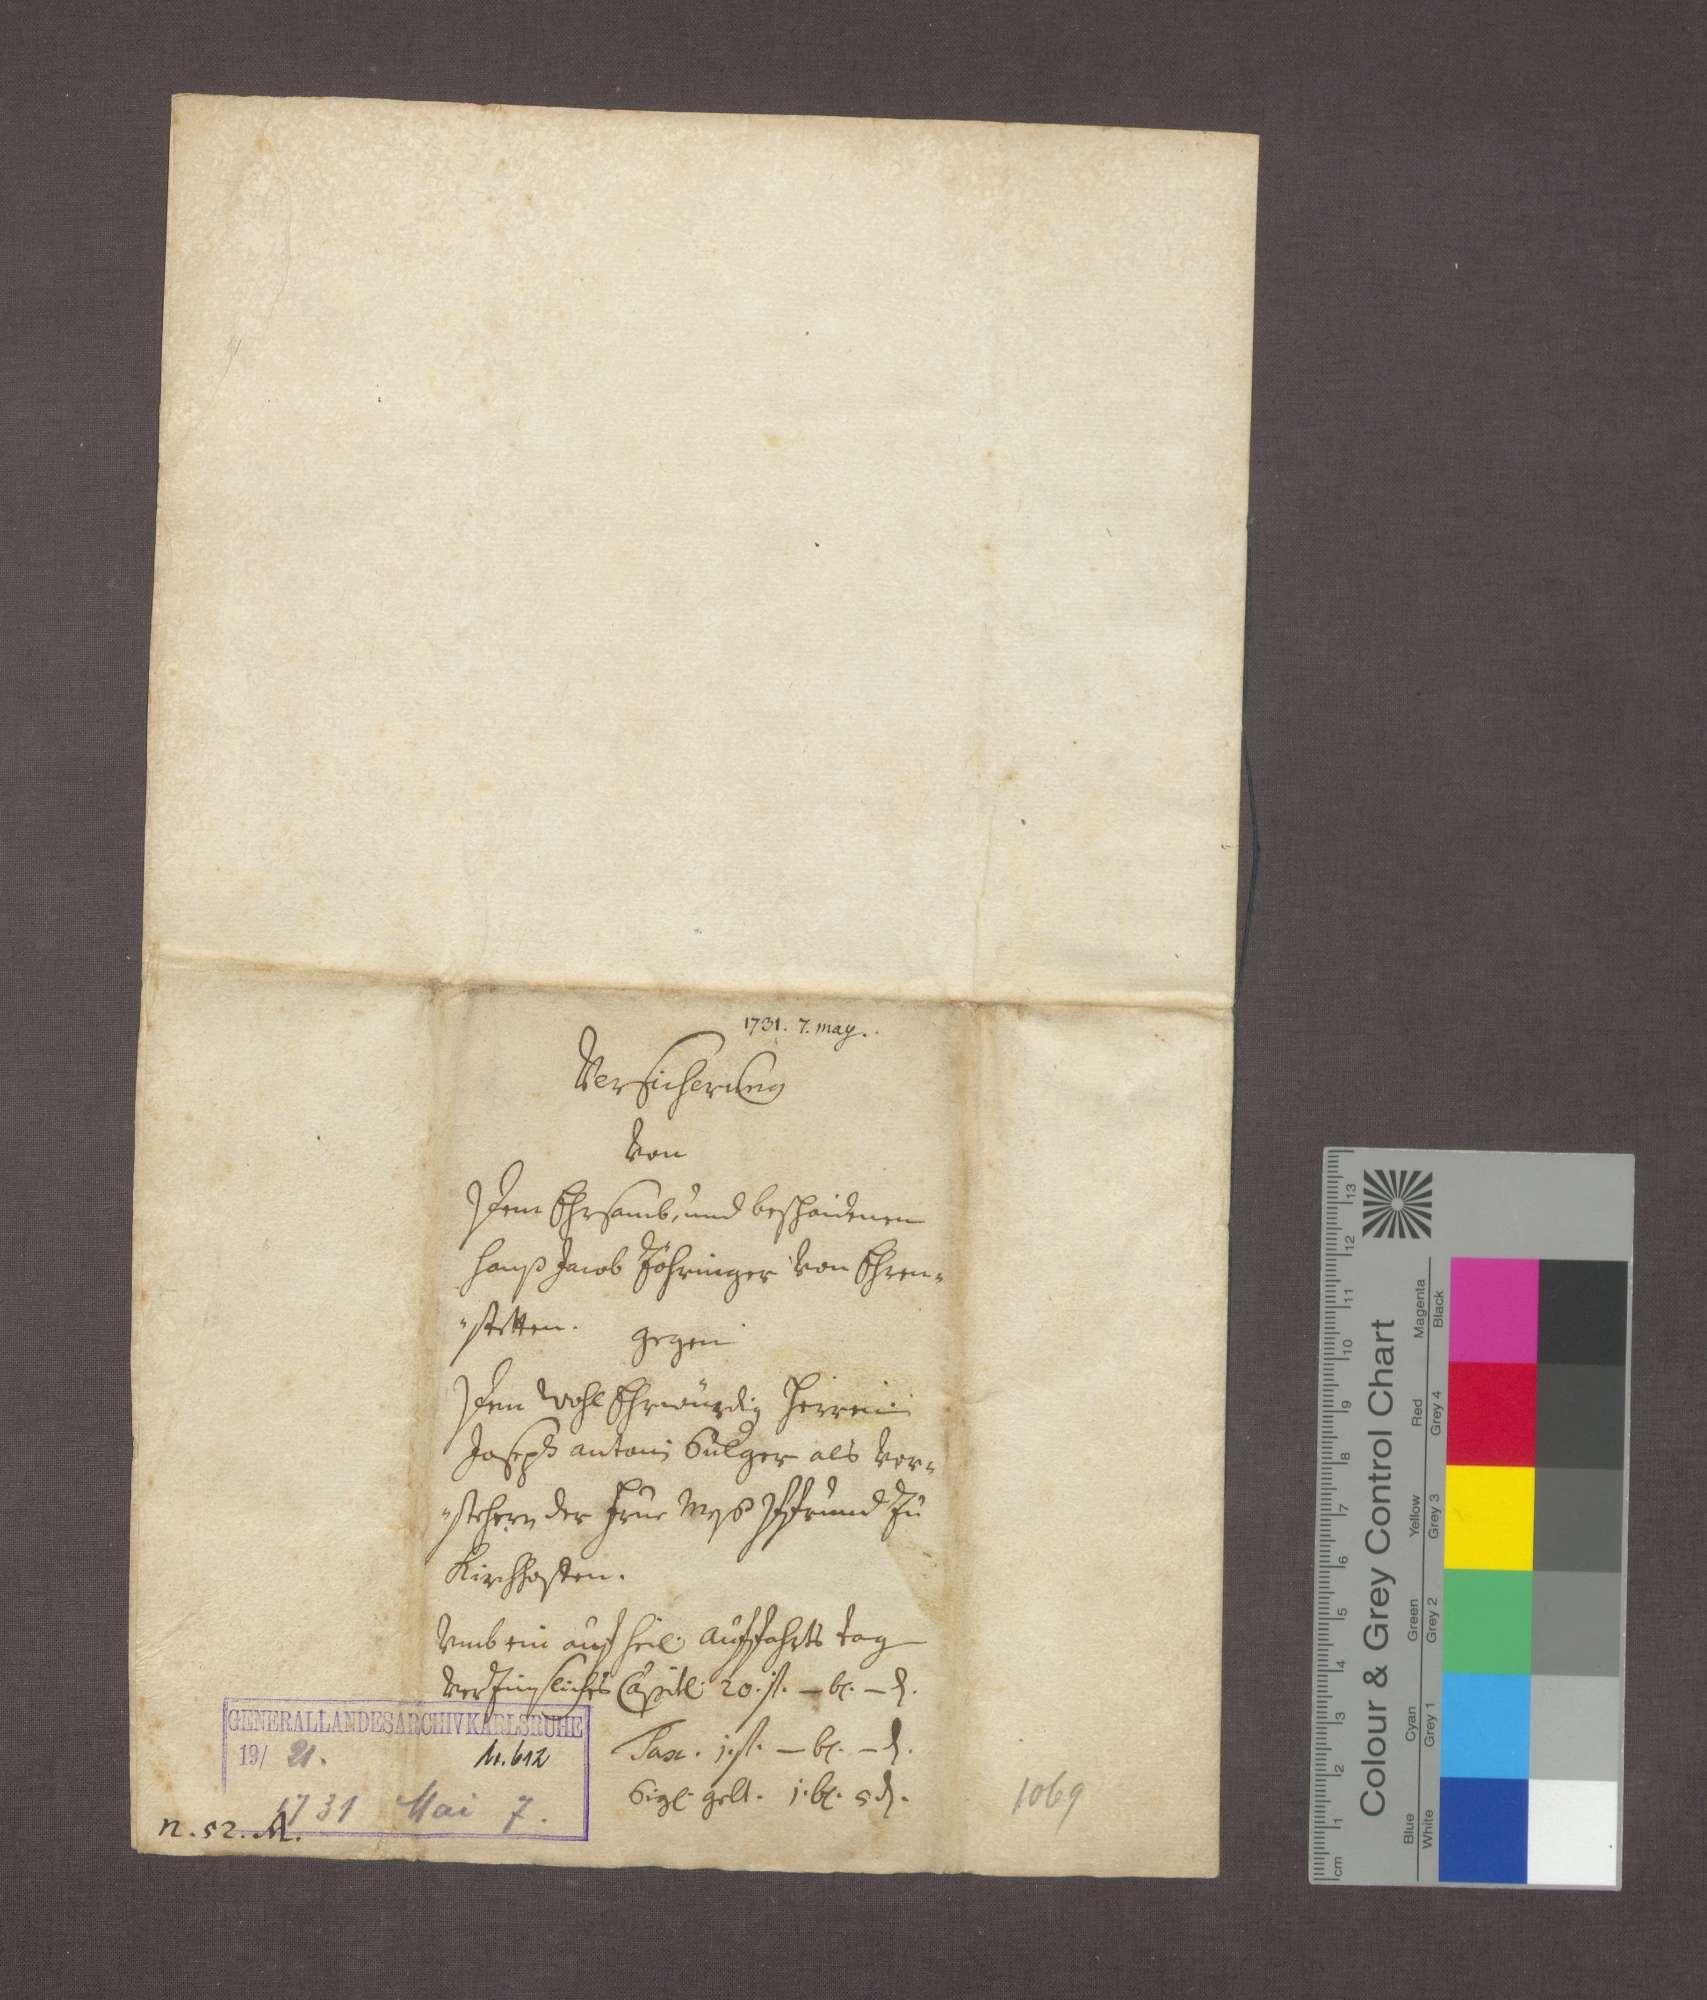 Schuldverschreibung des Hans Jakob Zöringer in Ehrenstetten gegenüber der Frühmesse in Kirchhofen., Bild 3